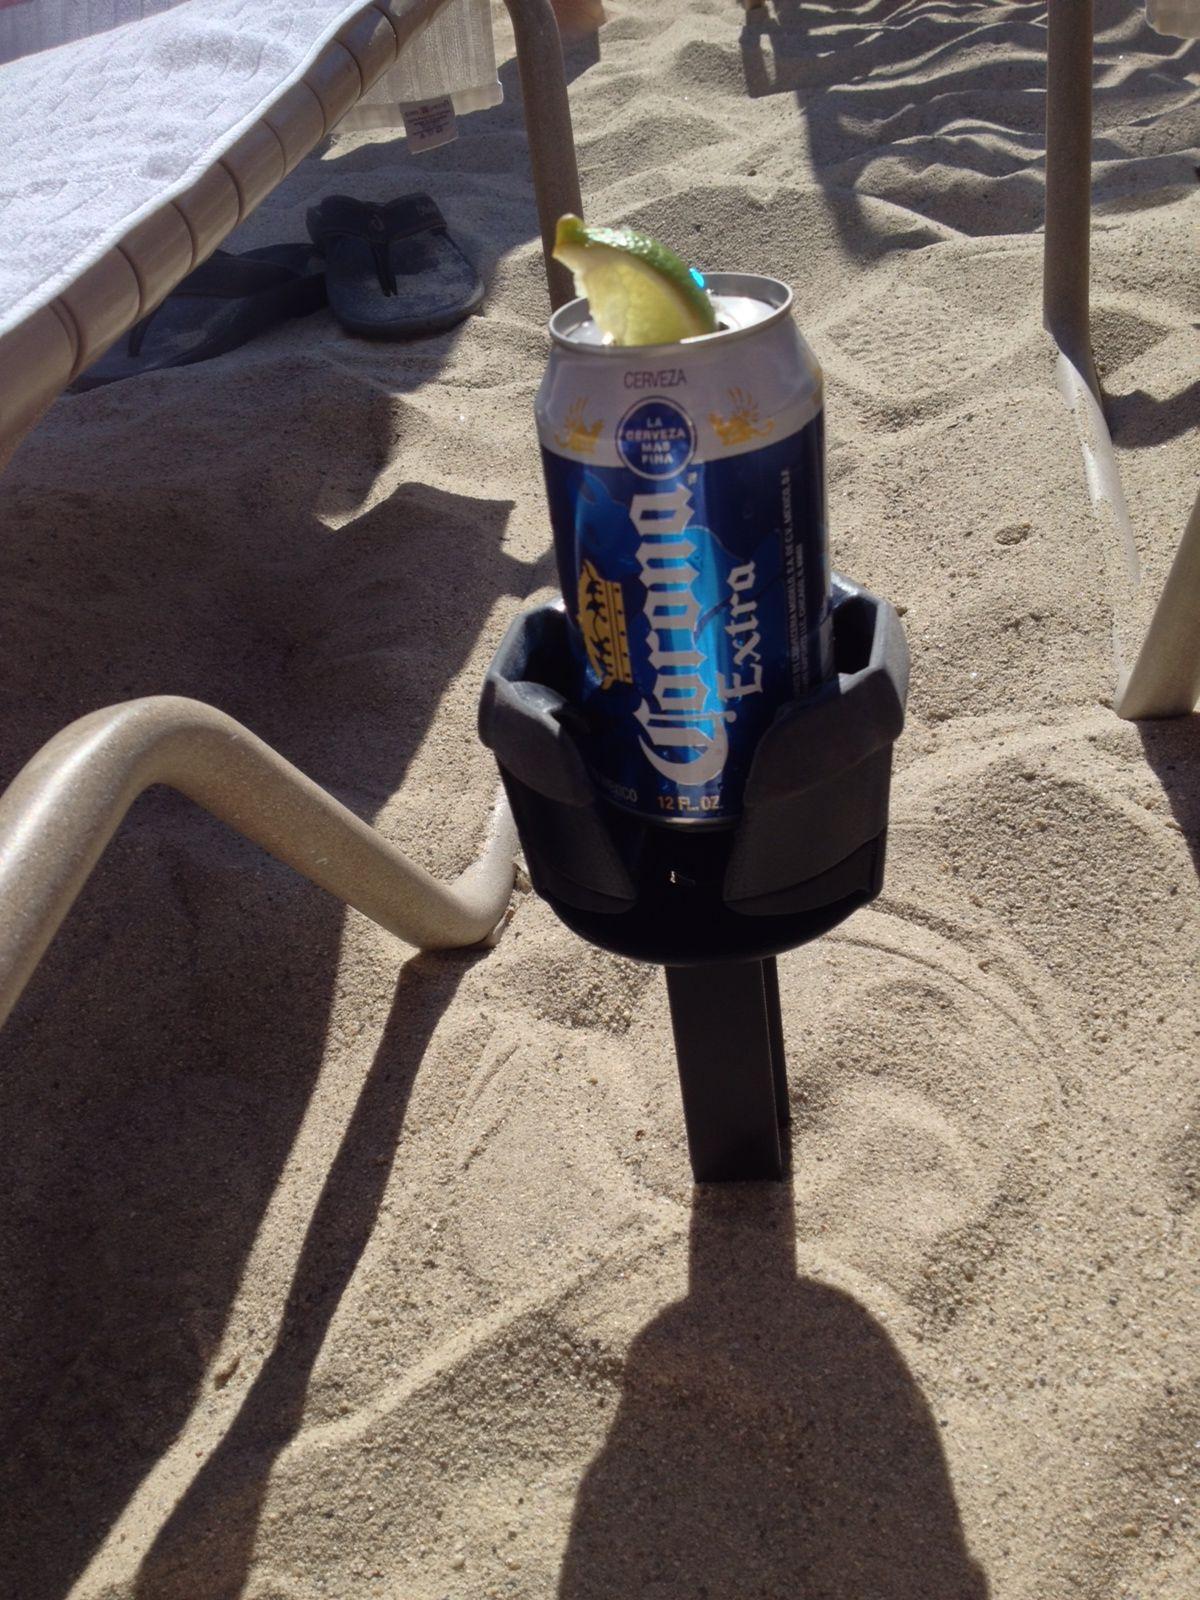 The Bevie Pro keeps beerholder cans, bottles, stemmed